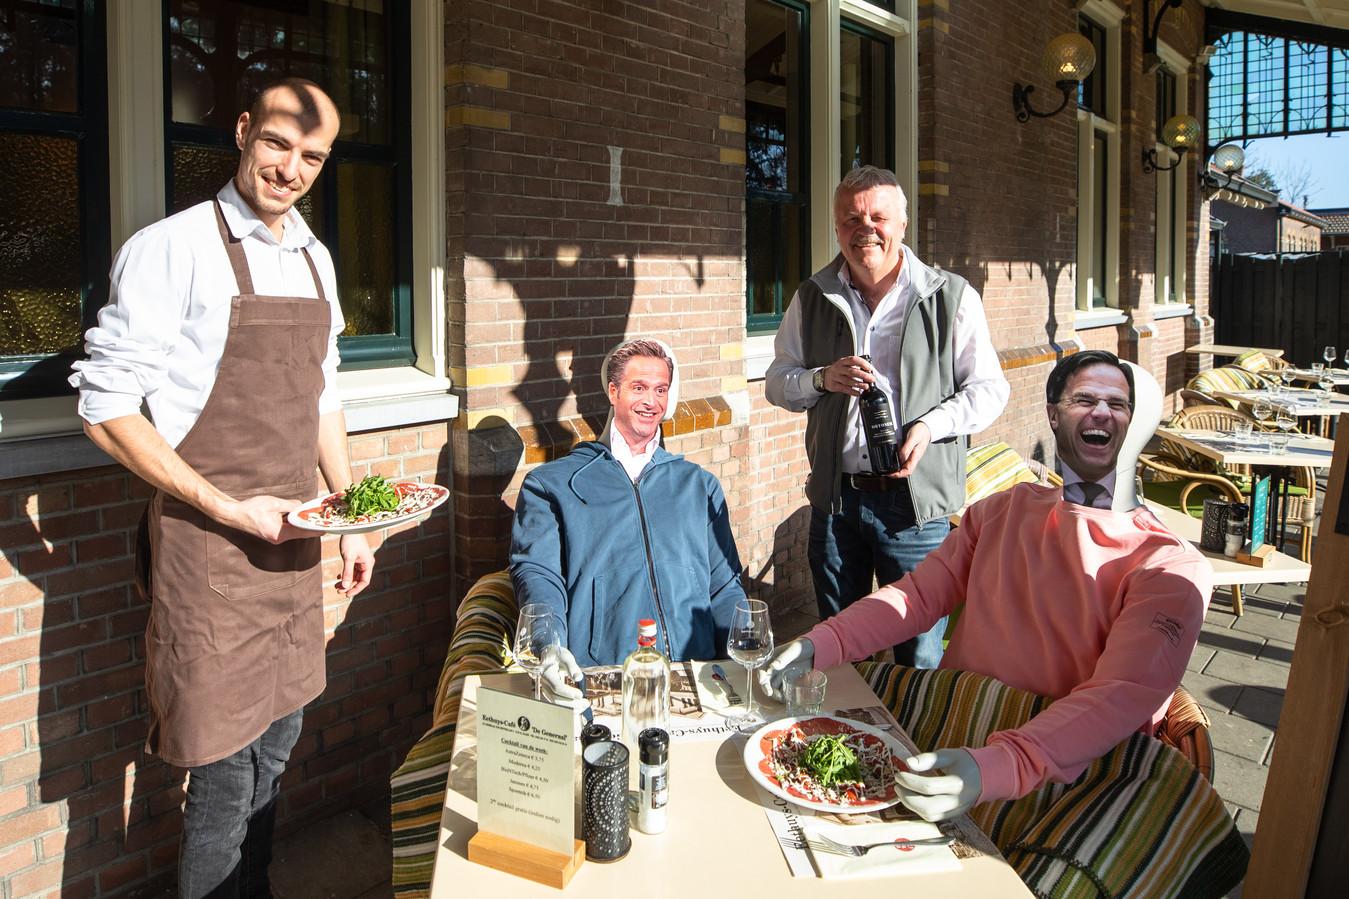 Eigenaar Ruud Bouwman staat klaar met de wijn voor Rutte en De Jonge, terwijl ober Marc de carpaccio serveert.